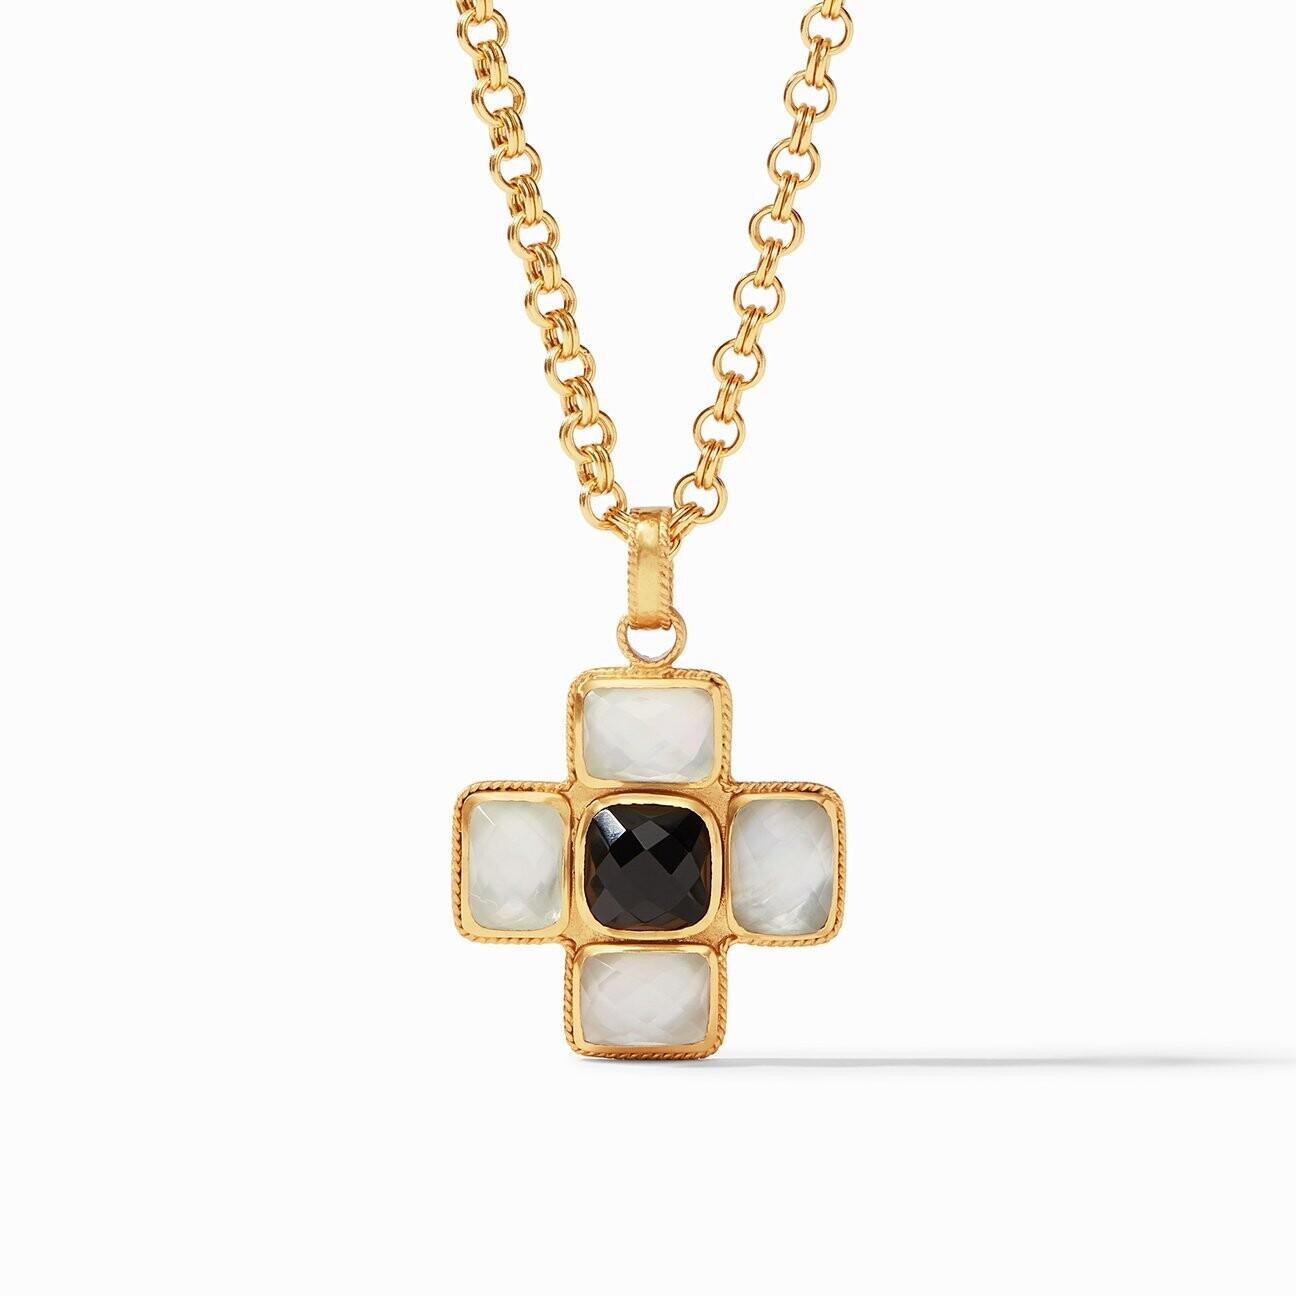 JULIE VOS Savoy Pendant Necklace